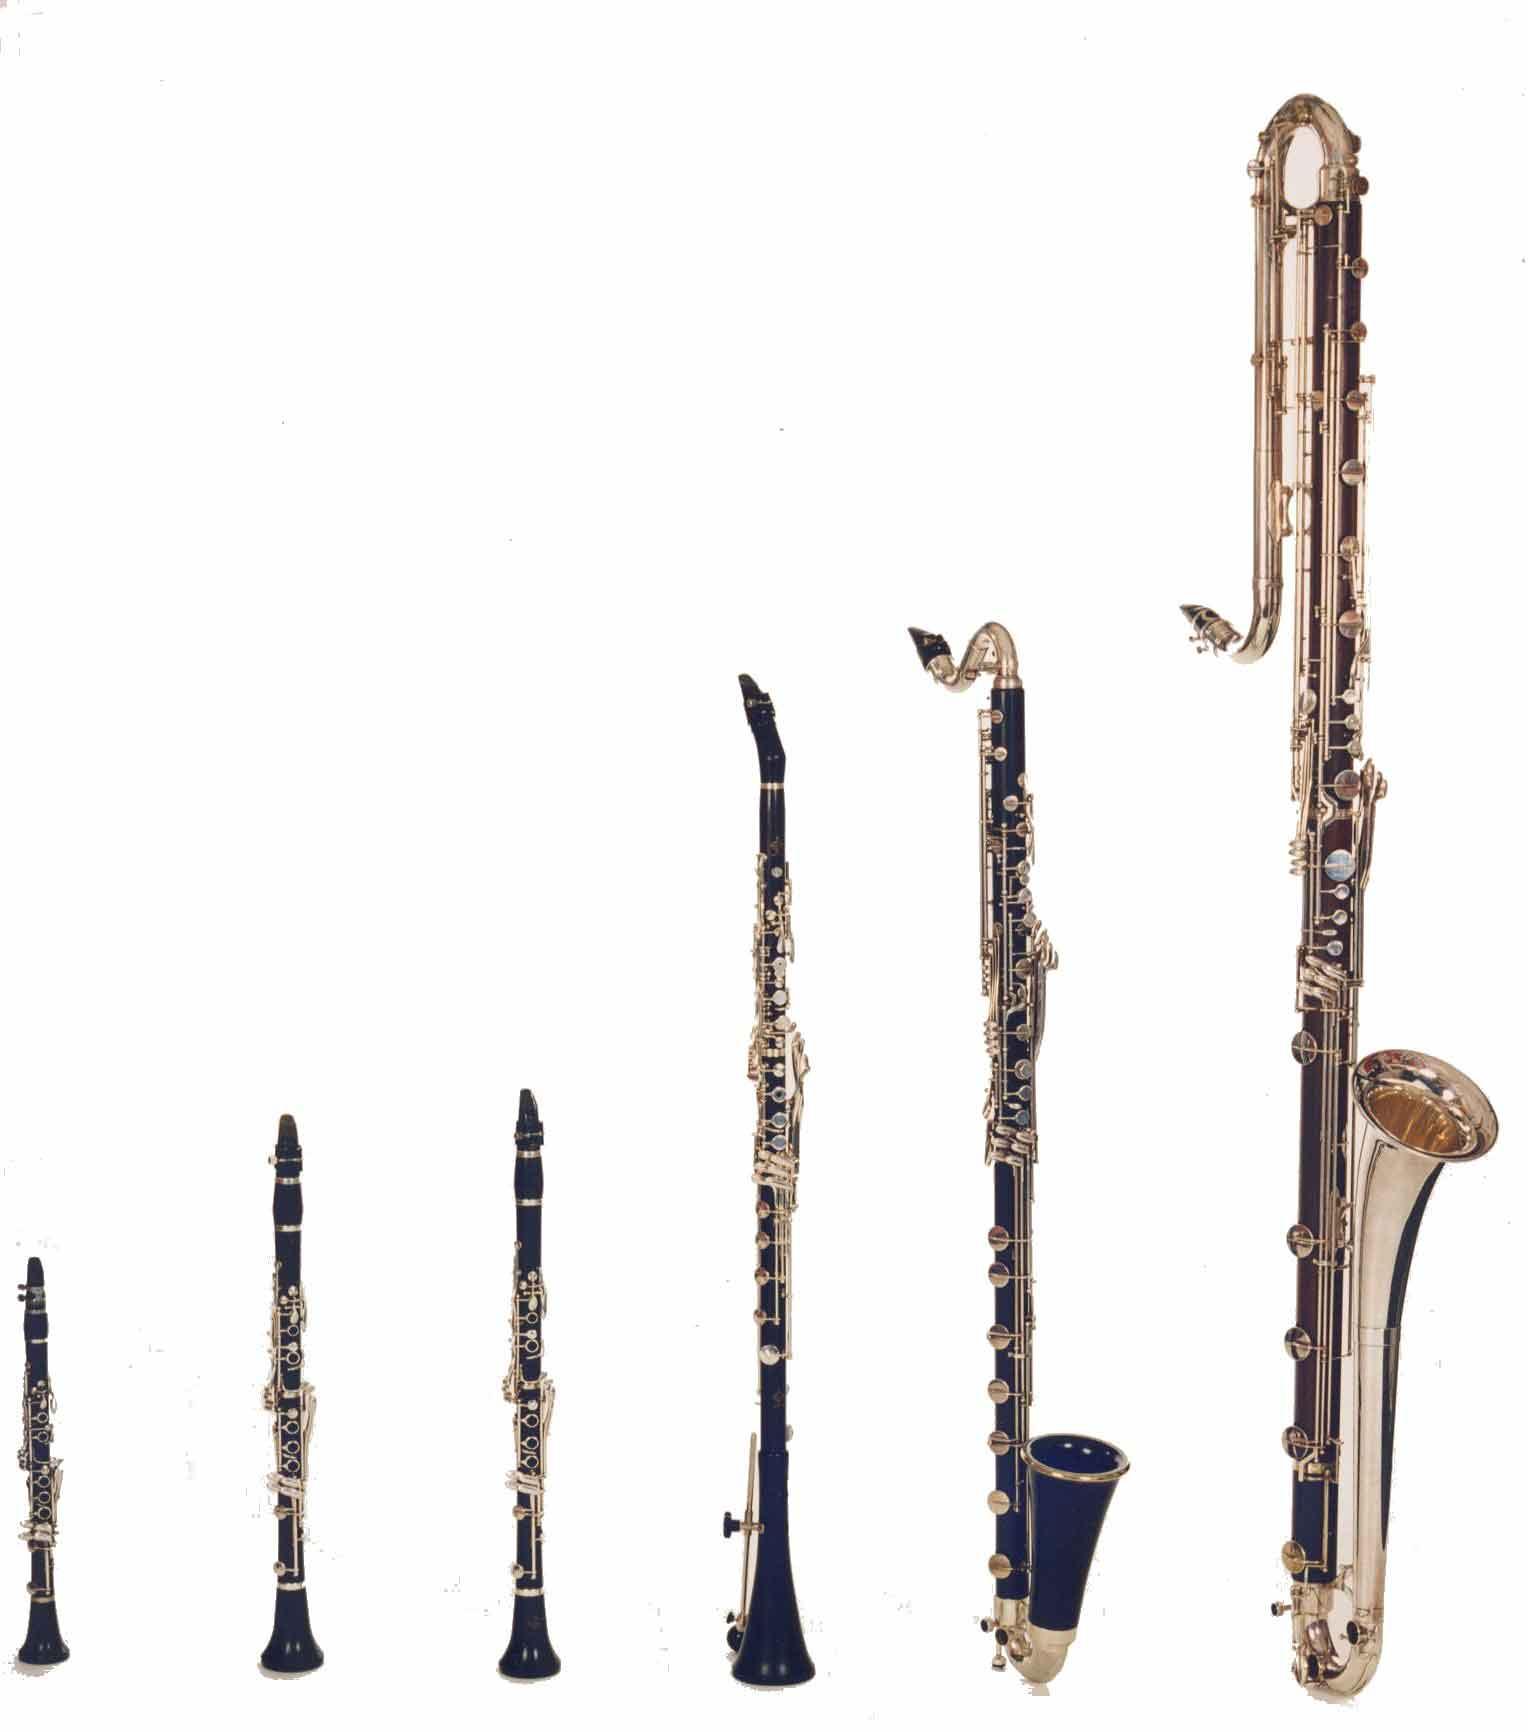 clarinetti famiglia - Non capisci un piffero!  Un po' domande sul clarinetto.